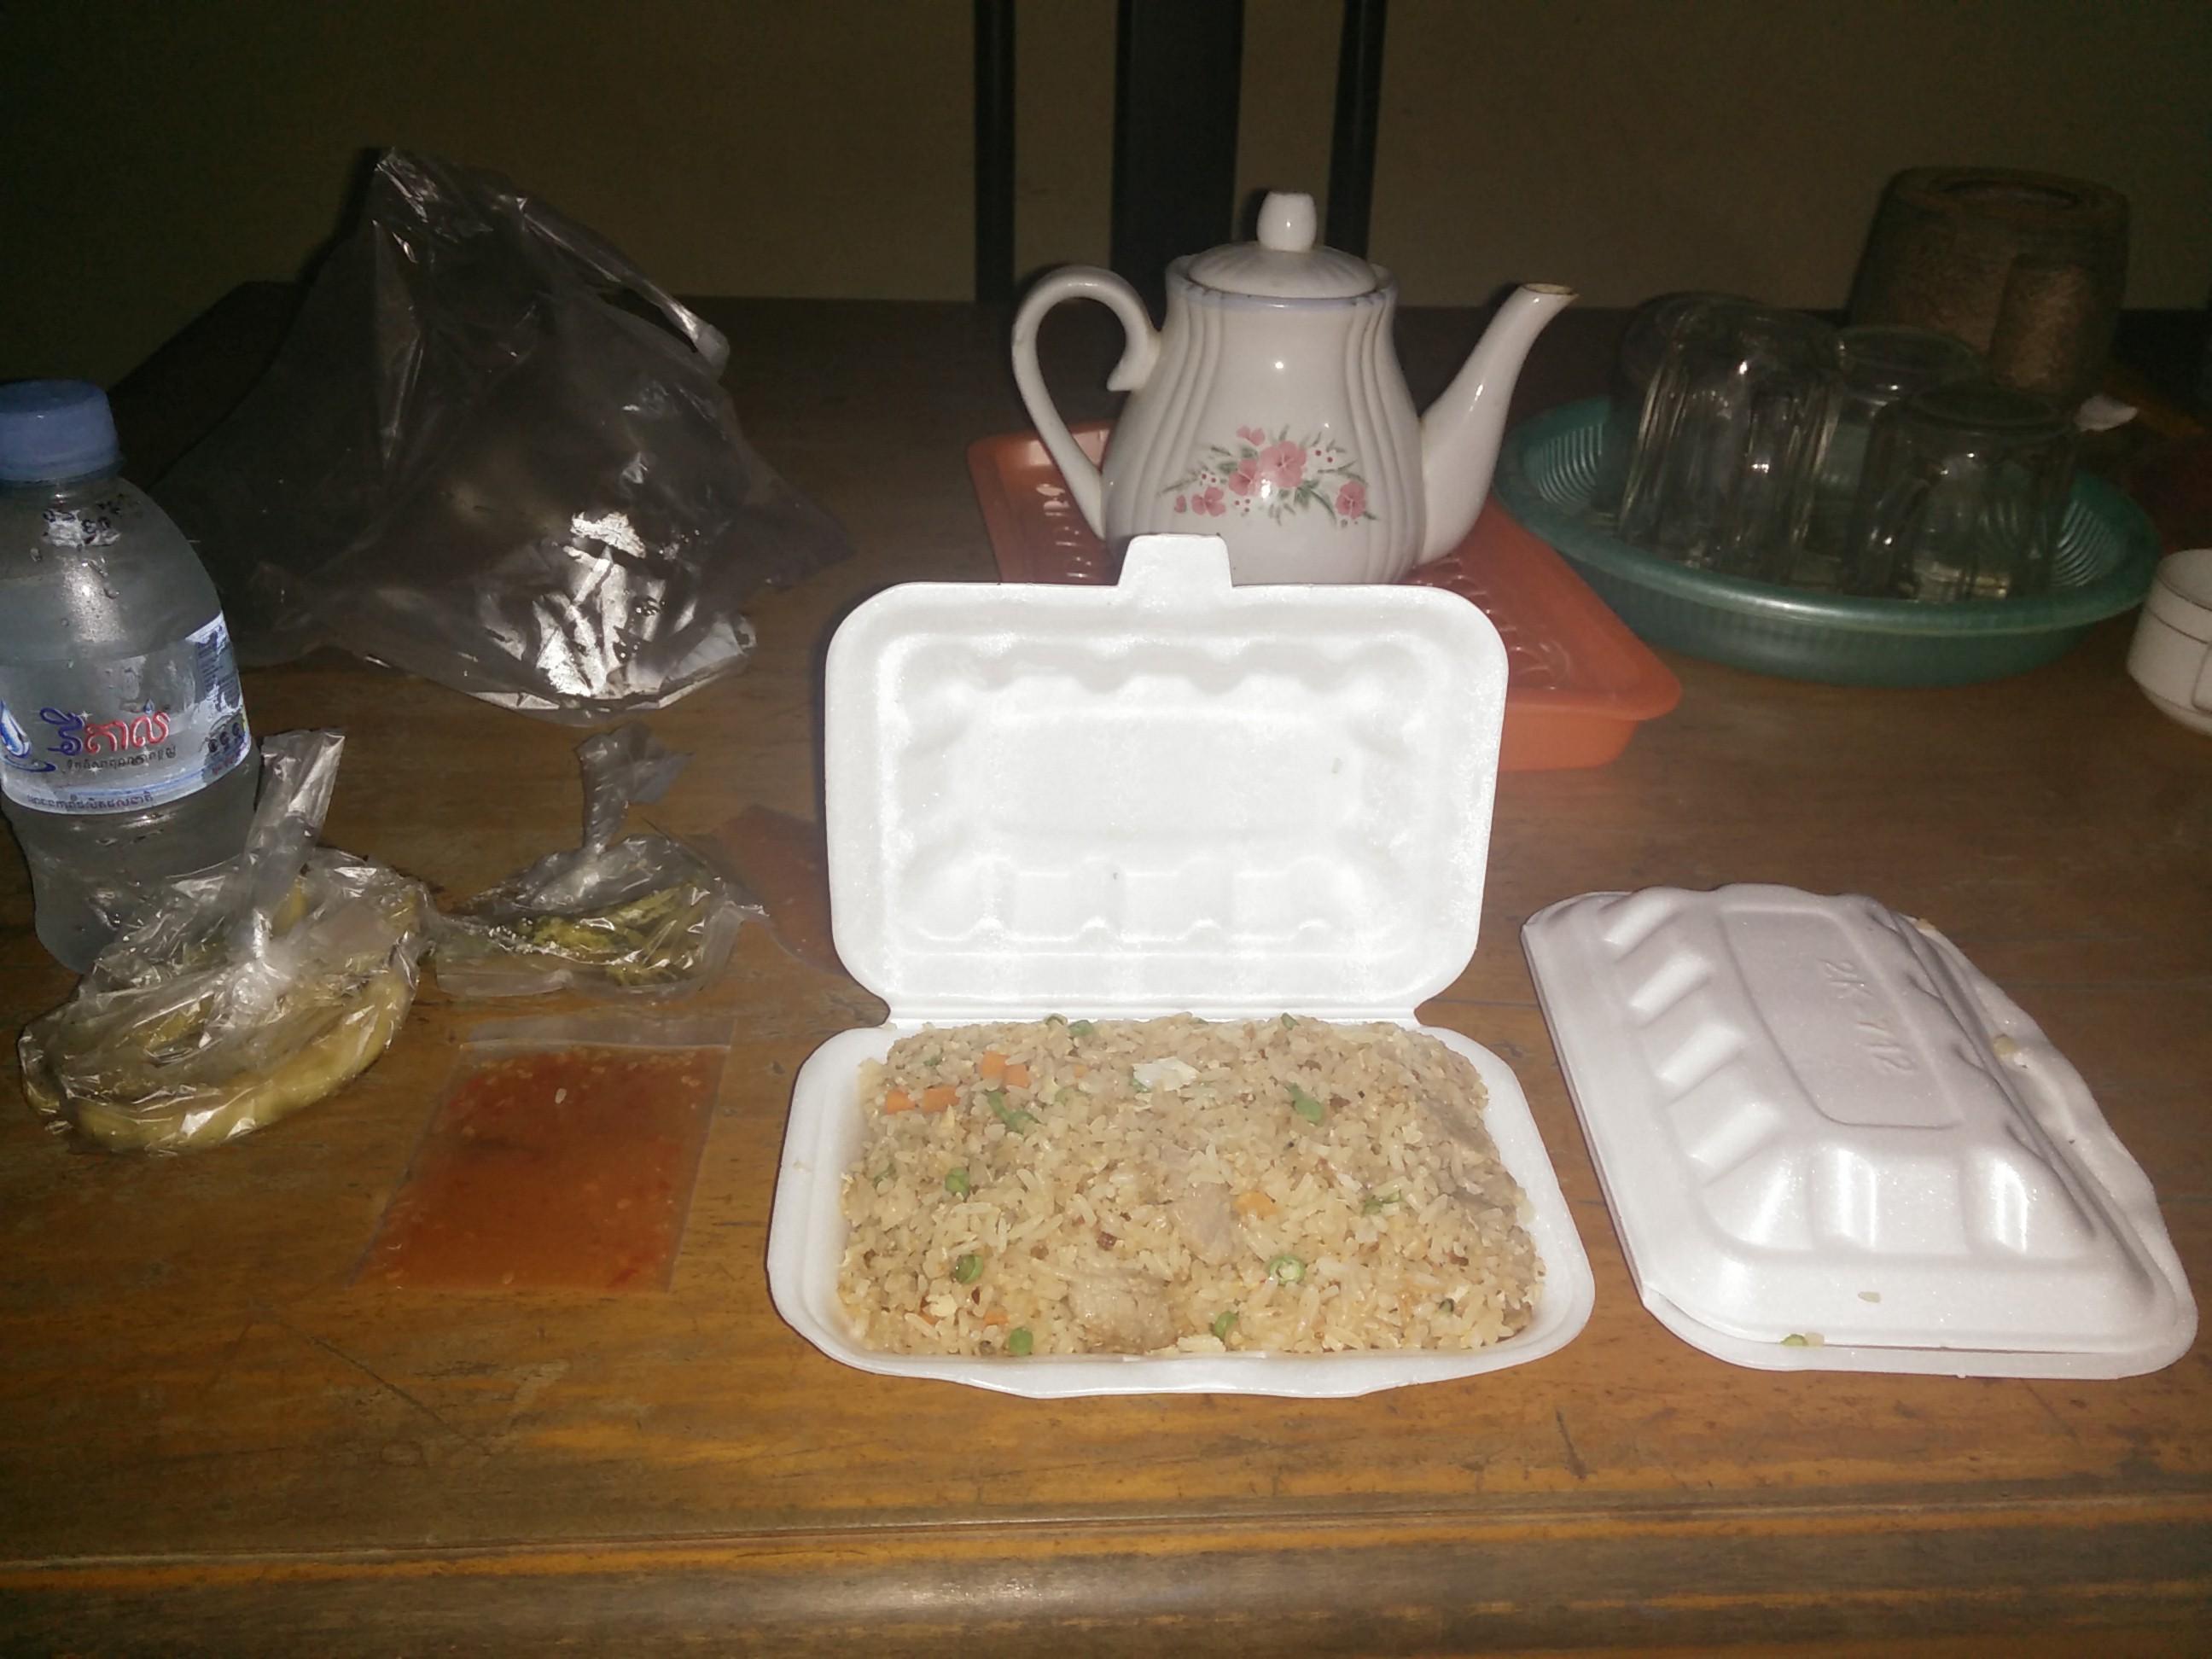 Double repas offert par les moines